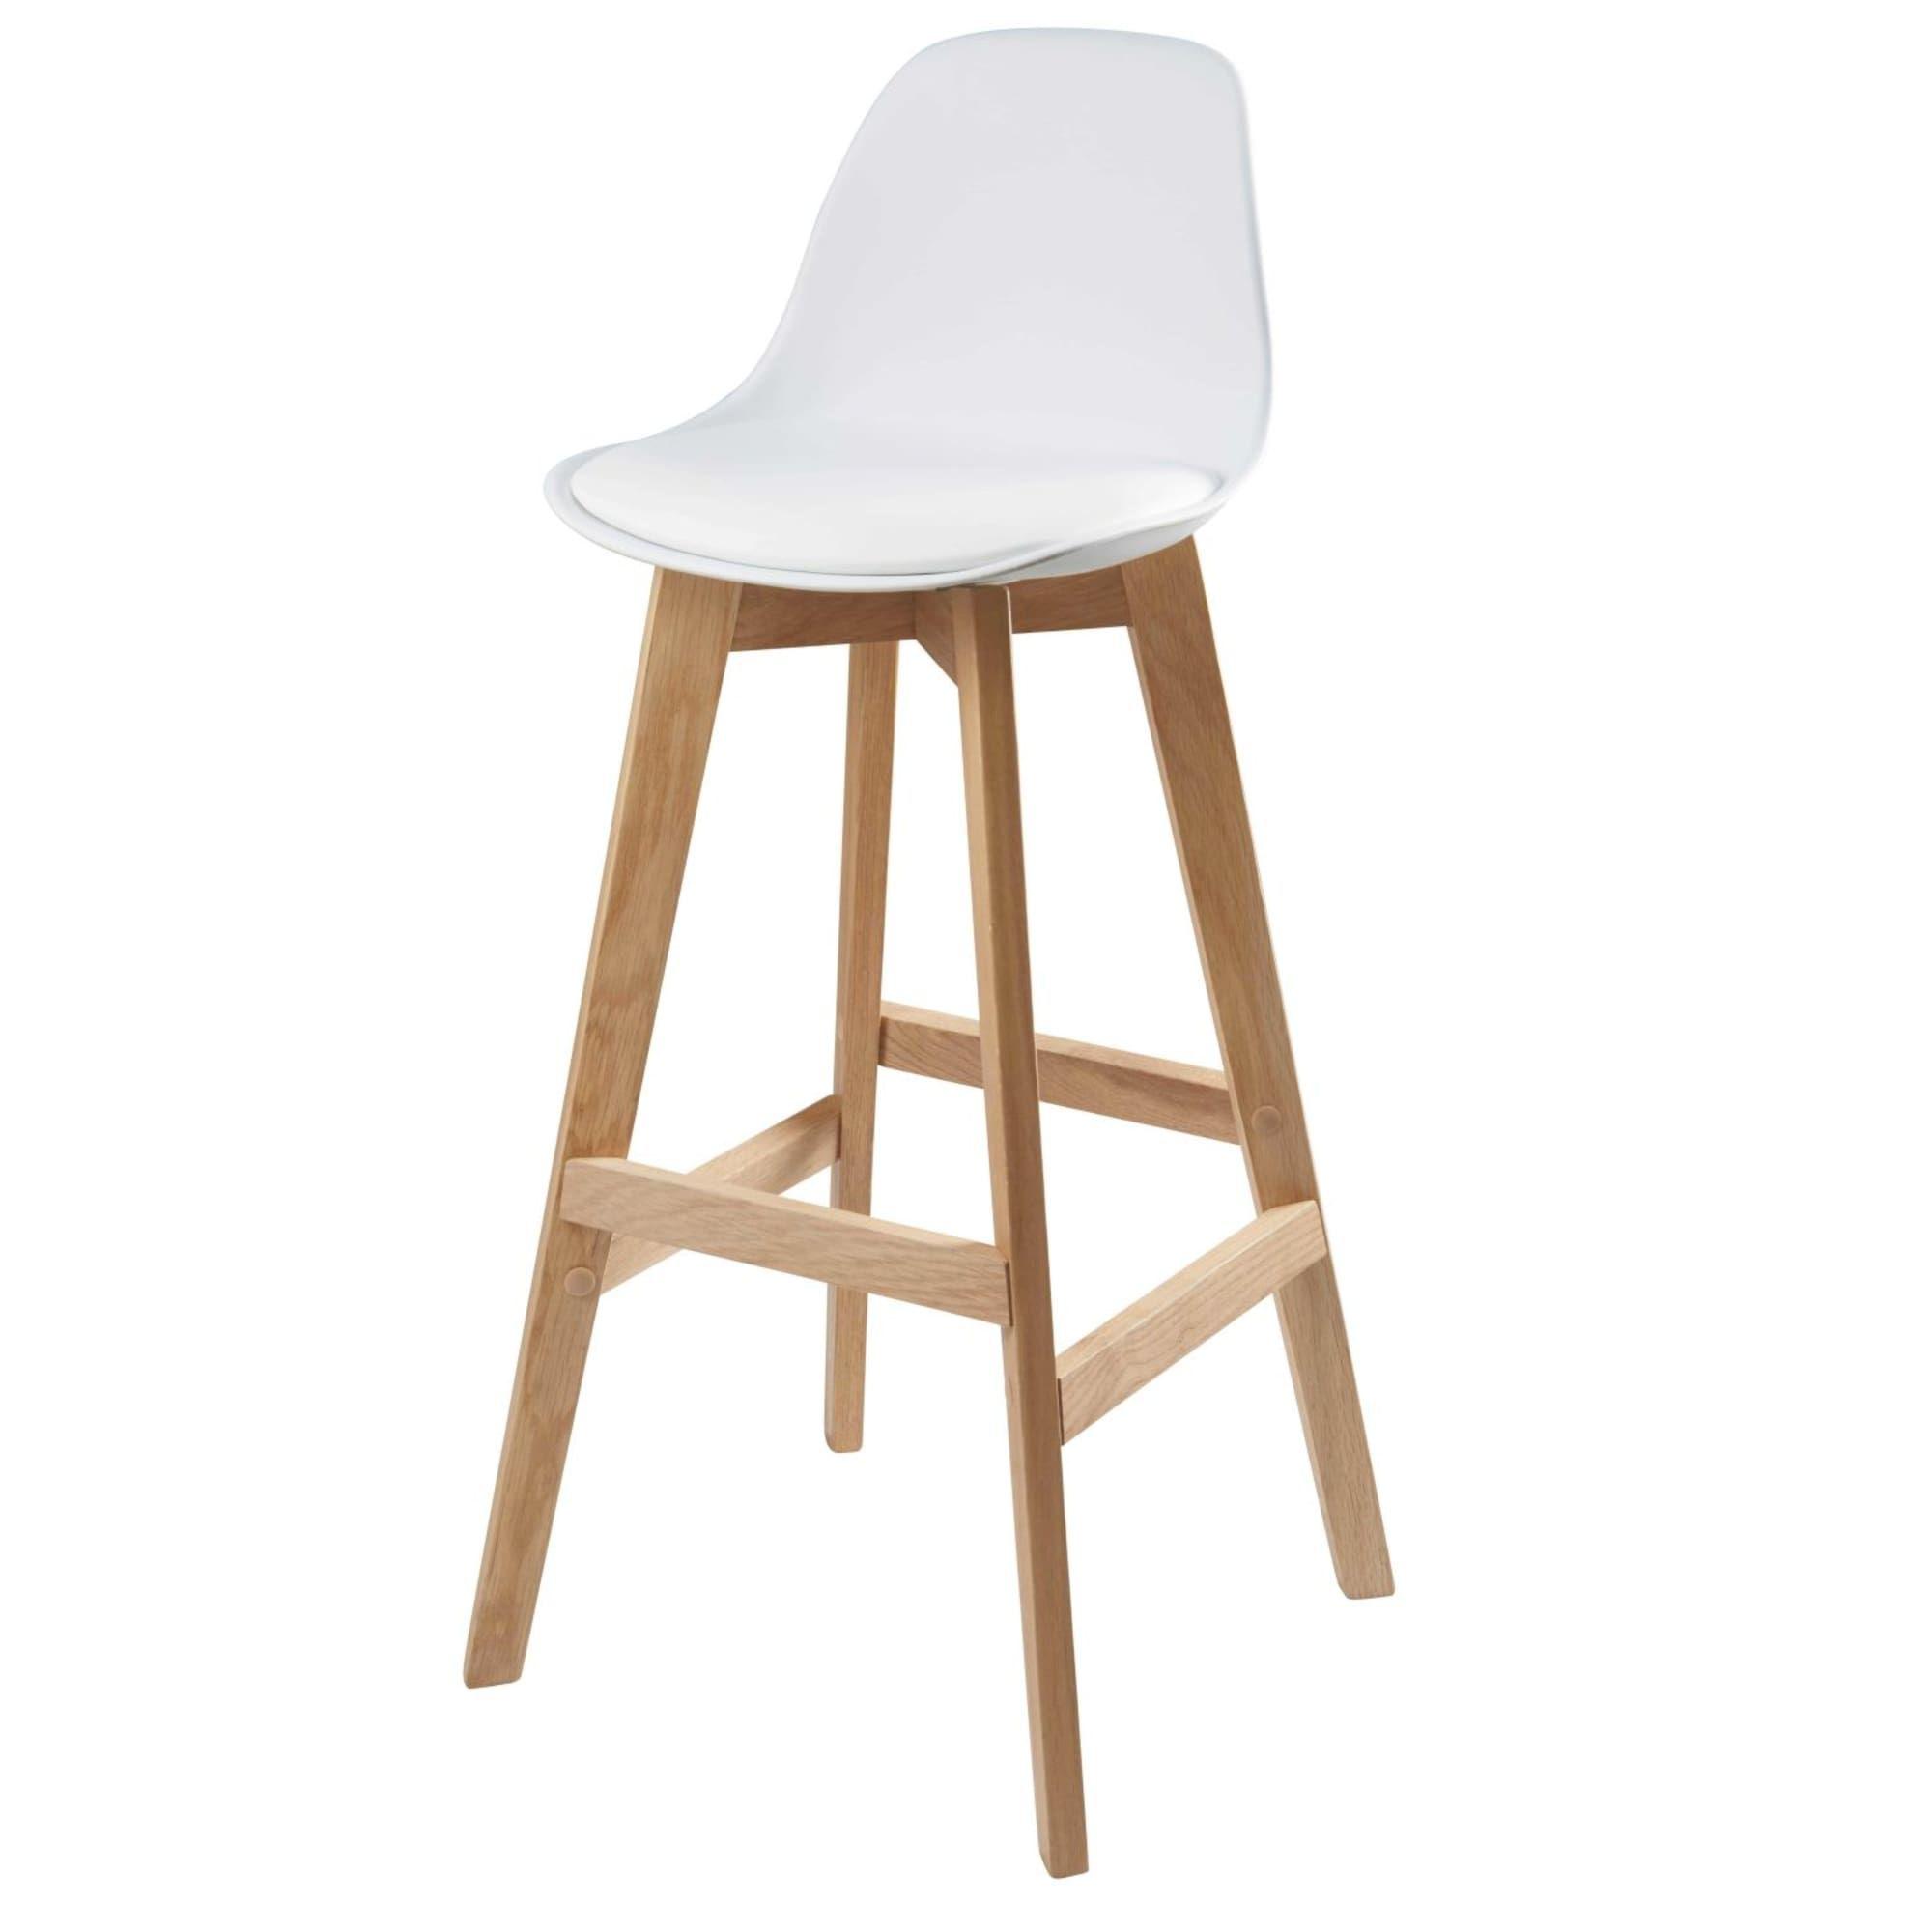 Chaise De Bar Style Scandinave Blanche Et Chene Ice Chaise Bar Chaise De Bar Scandinave Tabouret De Bar